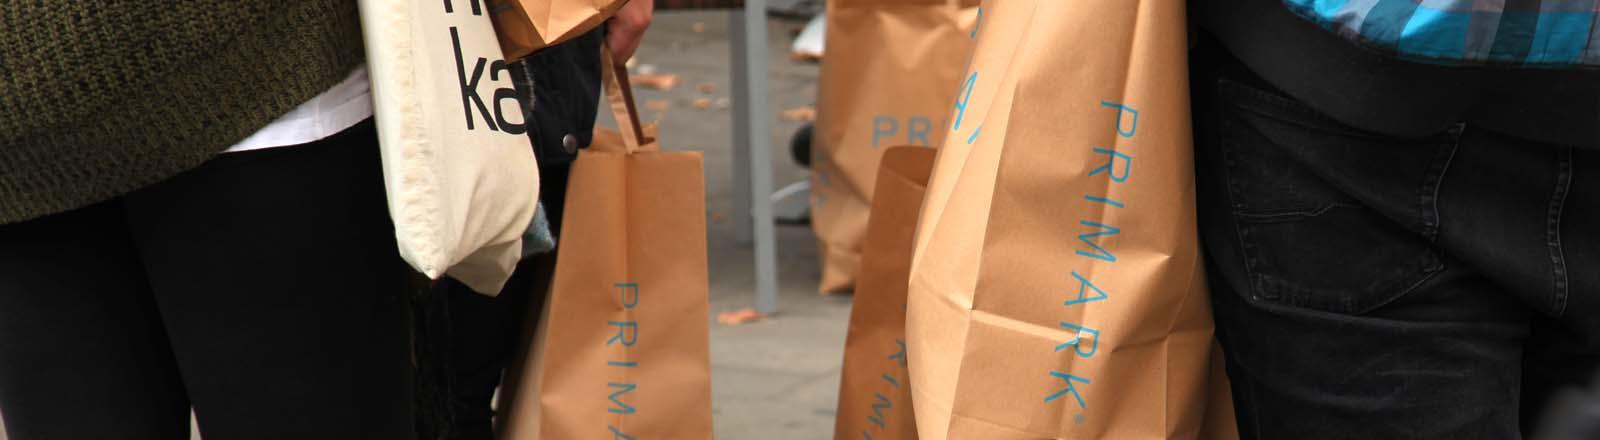 Junge Leute tragen Papiertüten der Textilkette Primark in Berlin im Bezirk Steglitz am 27.09.2013.